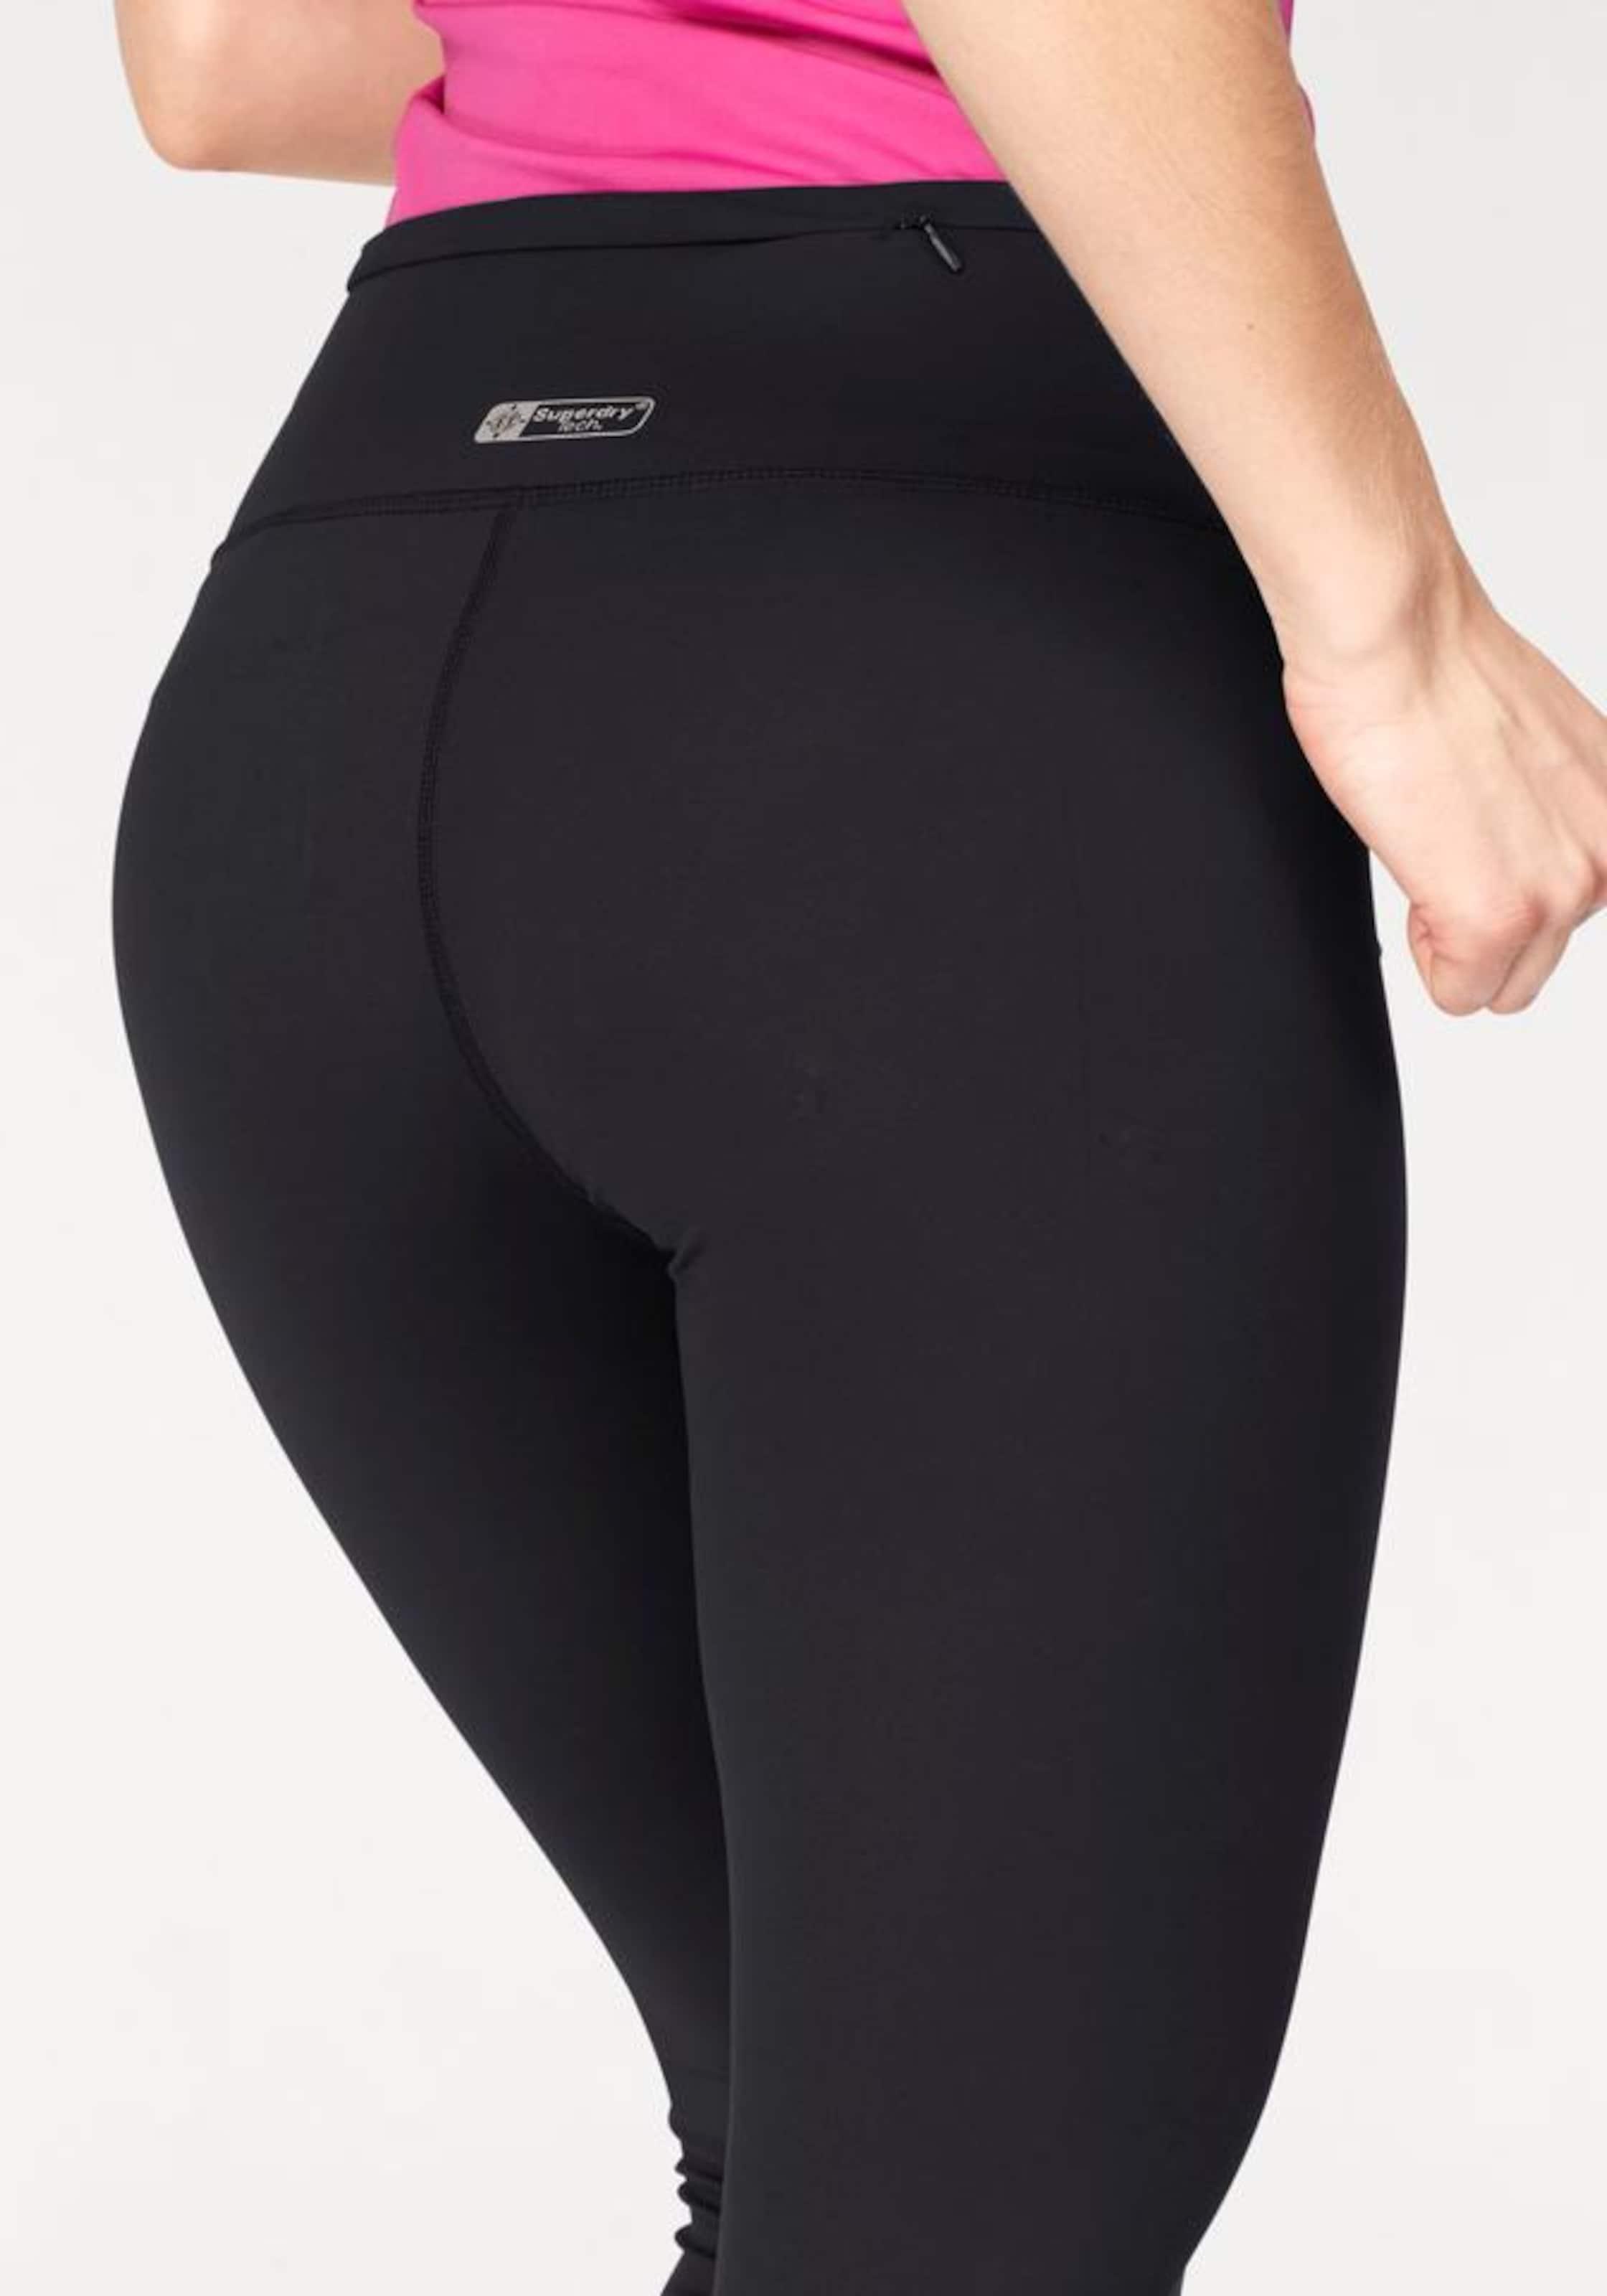 Niedrig Versandkosten Günstig Online Verkauf Größten Lieferanten Superdry Leggings Damen Verkauf 100% Original Verkauf Online-Shop Manchester Online bKnhoan